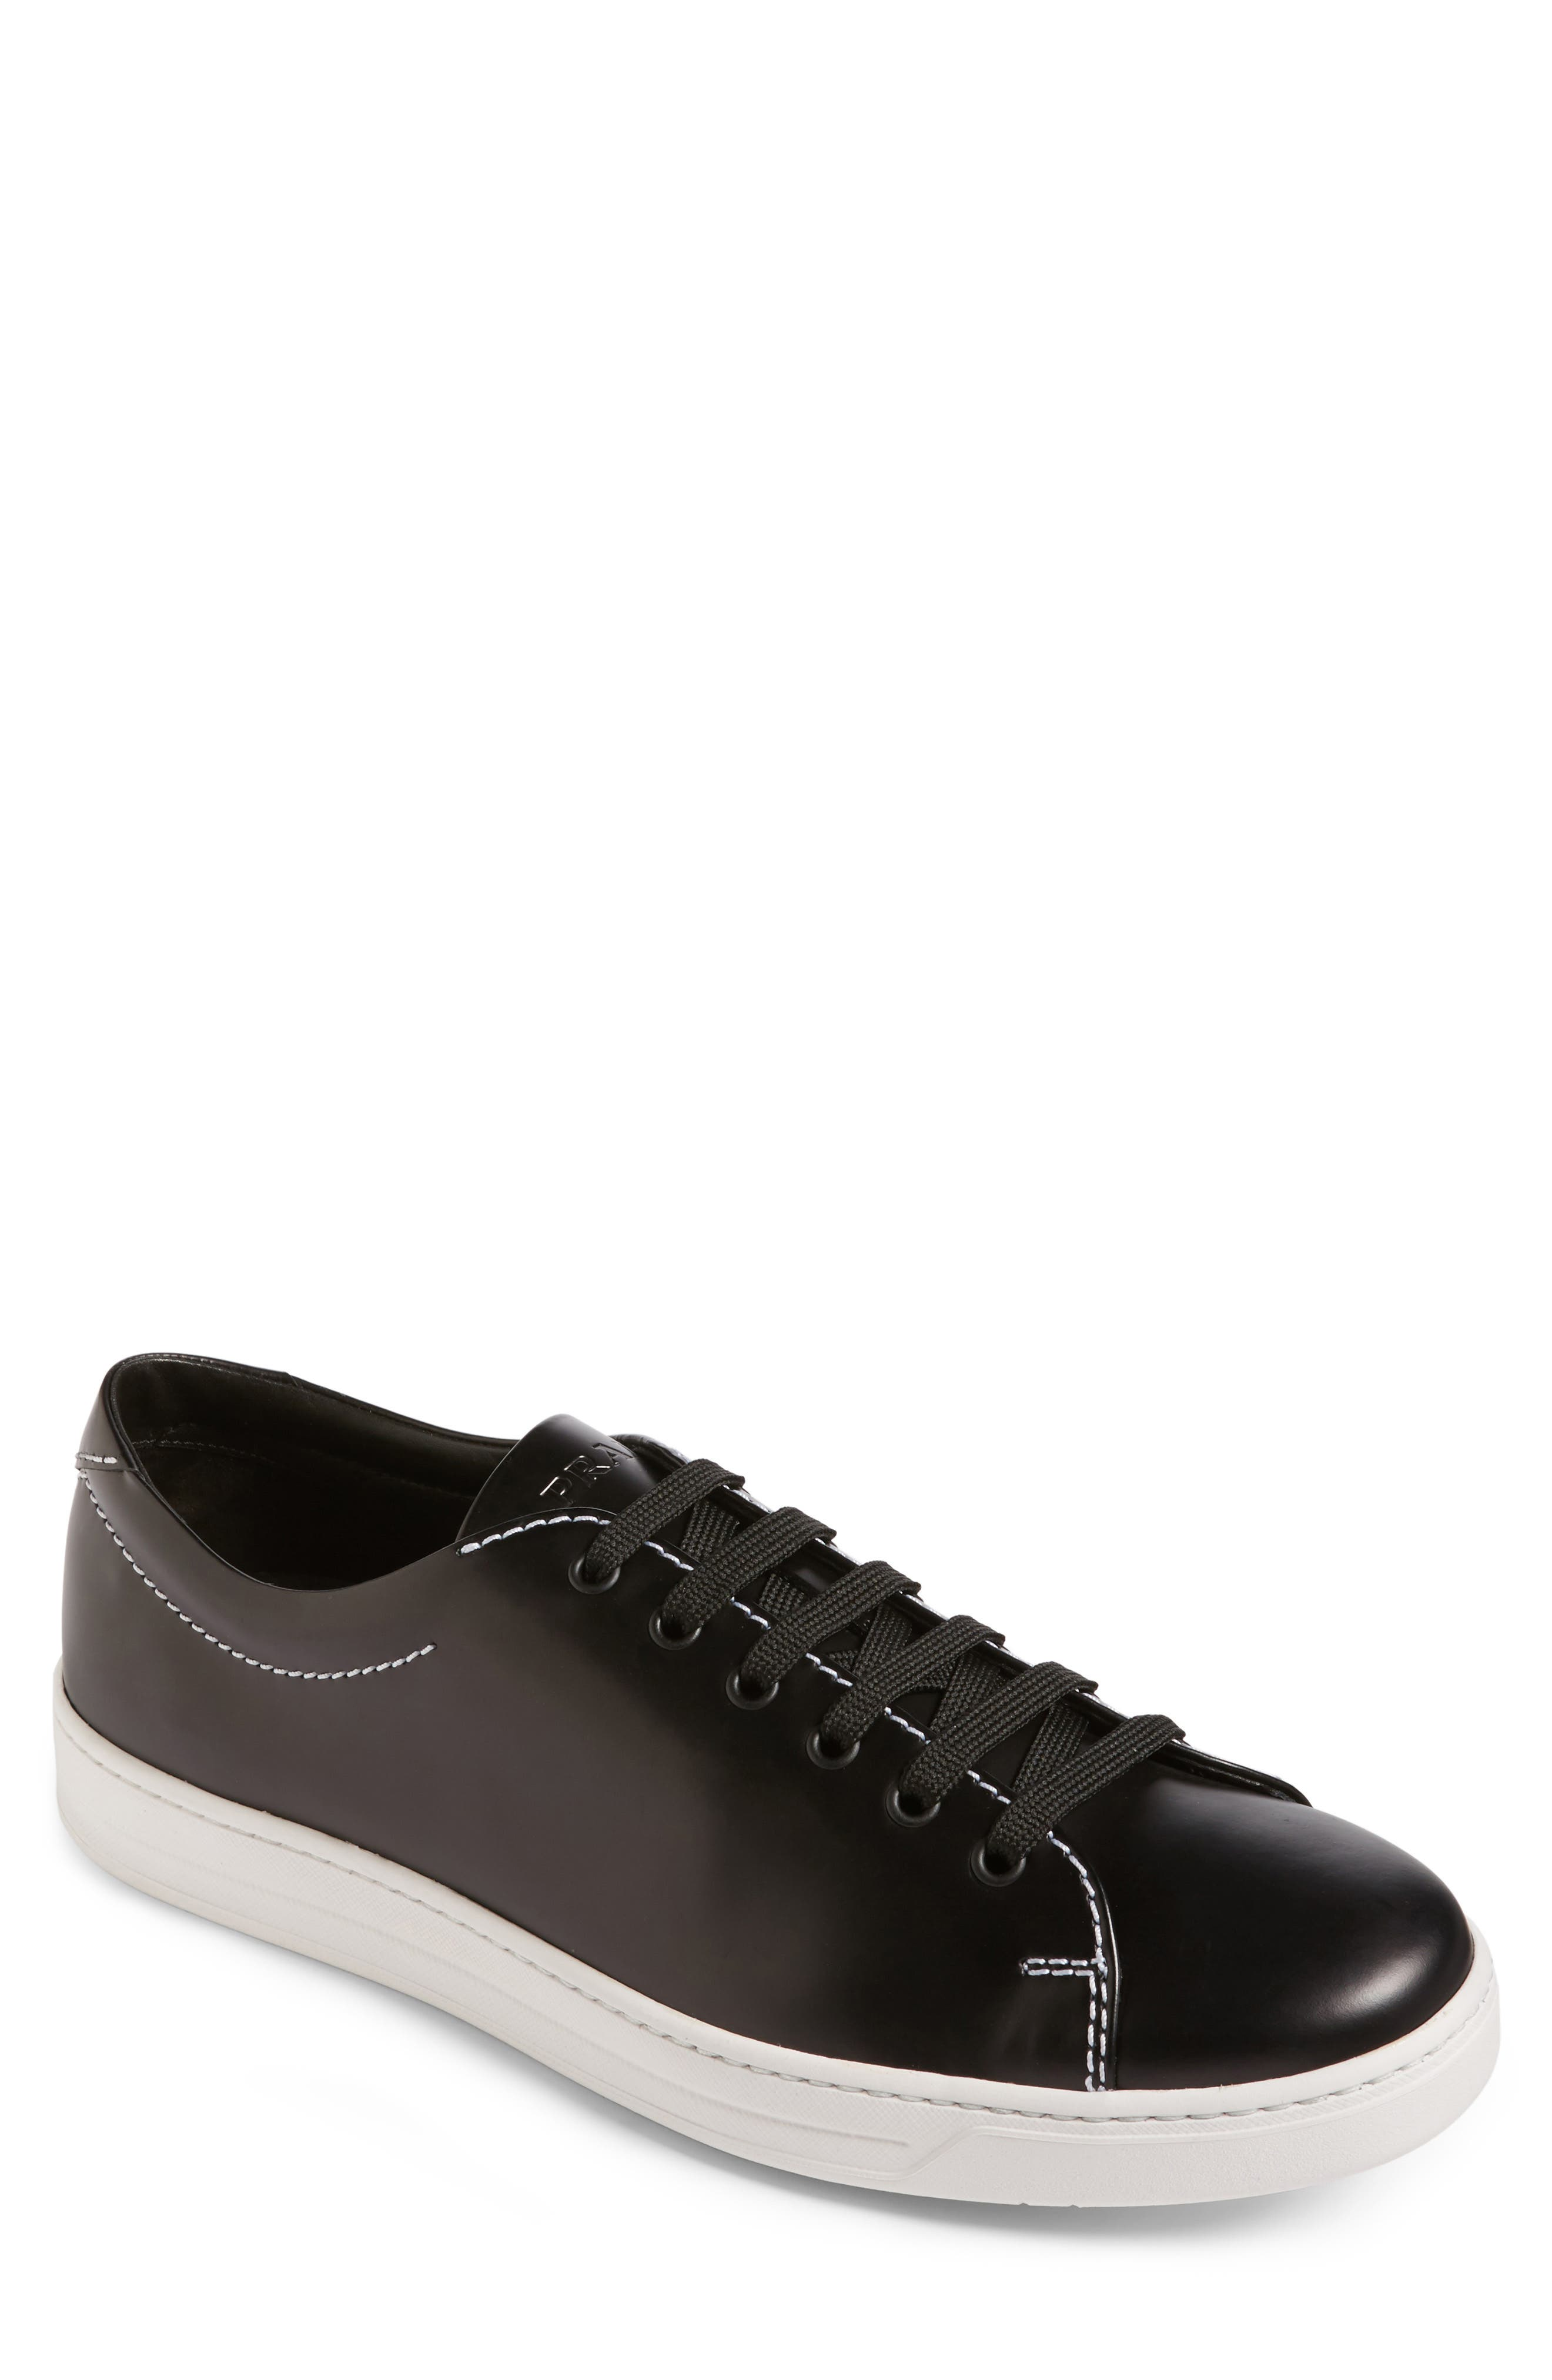 Low Top Sneaker,                         Main,                         color, 008